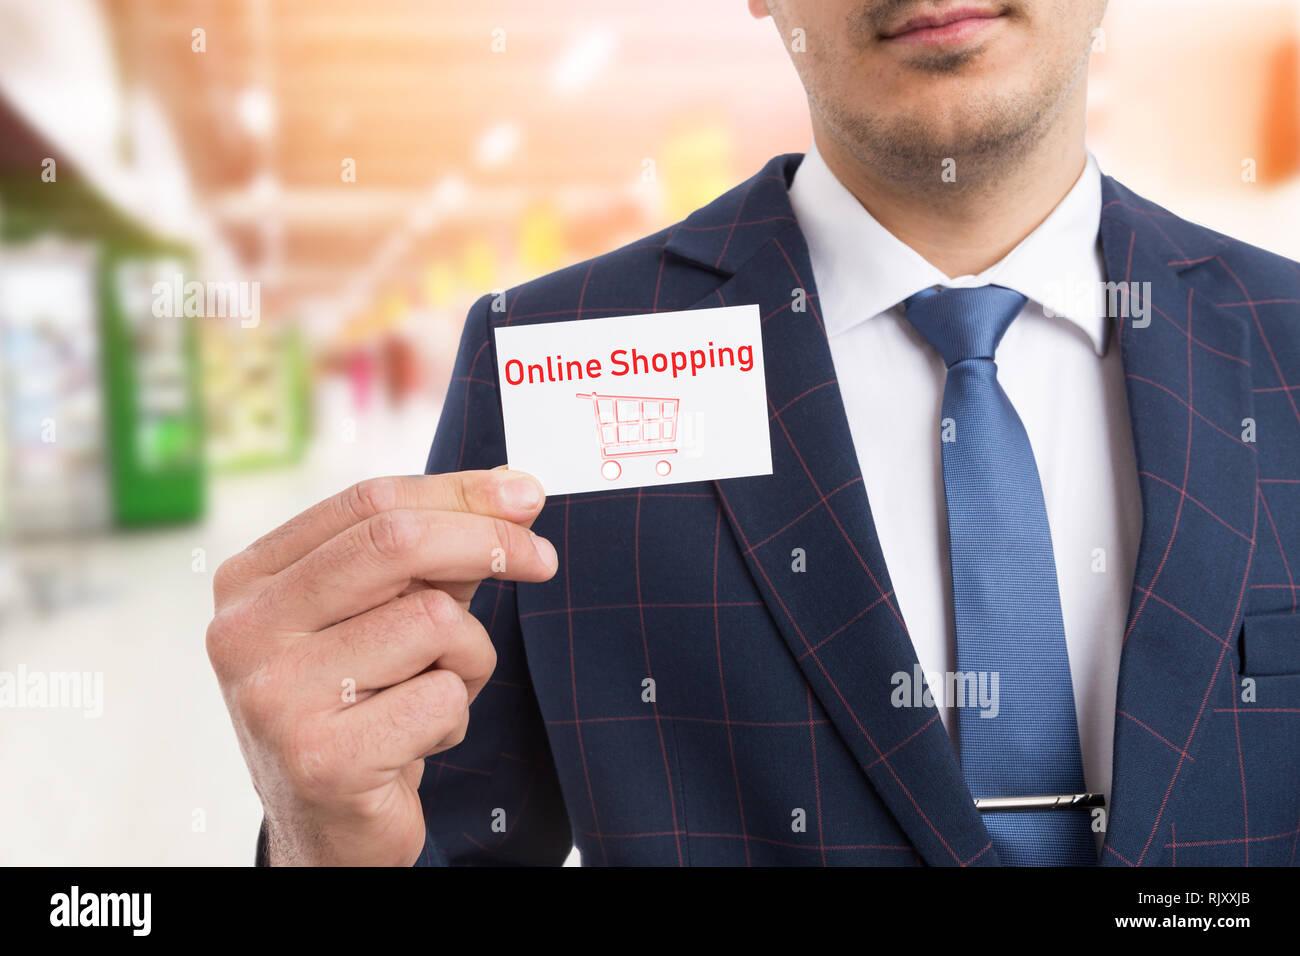 Mann Mit Anzug Und Krawatte Holding Online Shopping Weiße